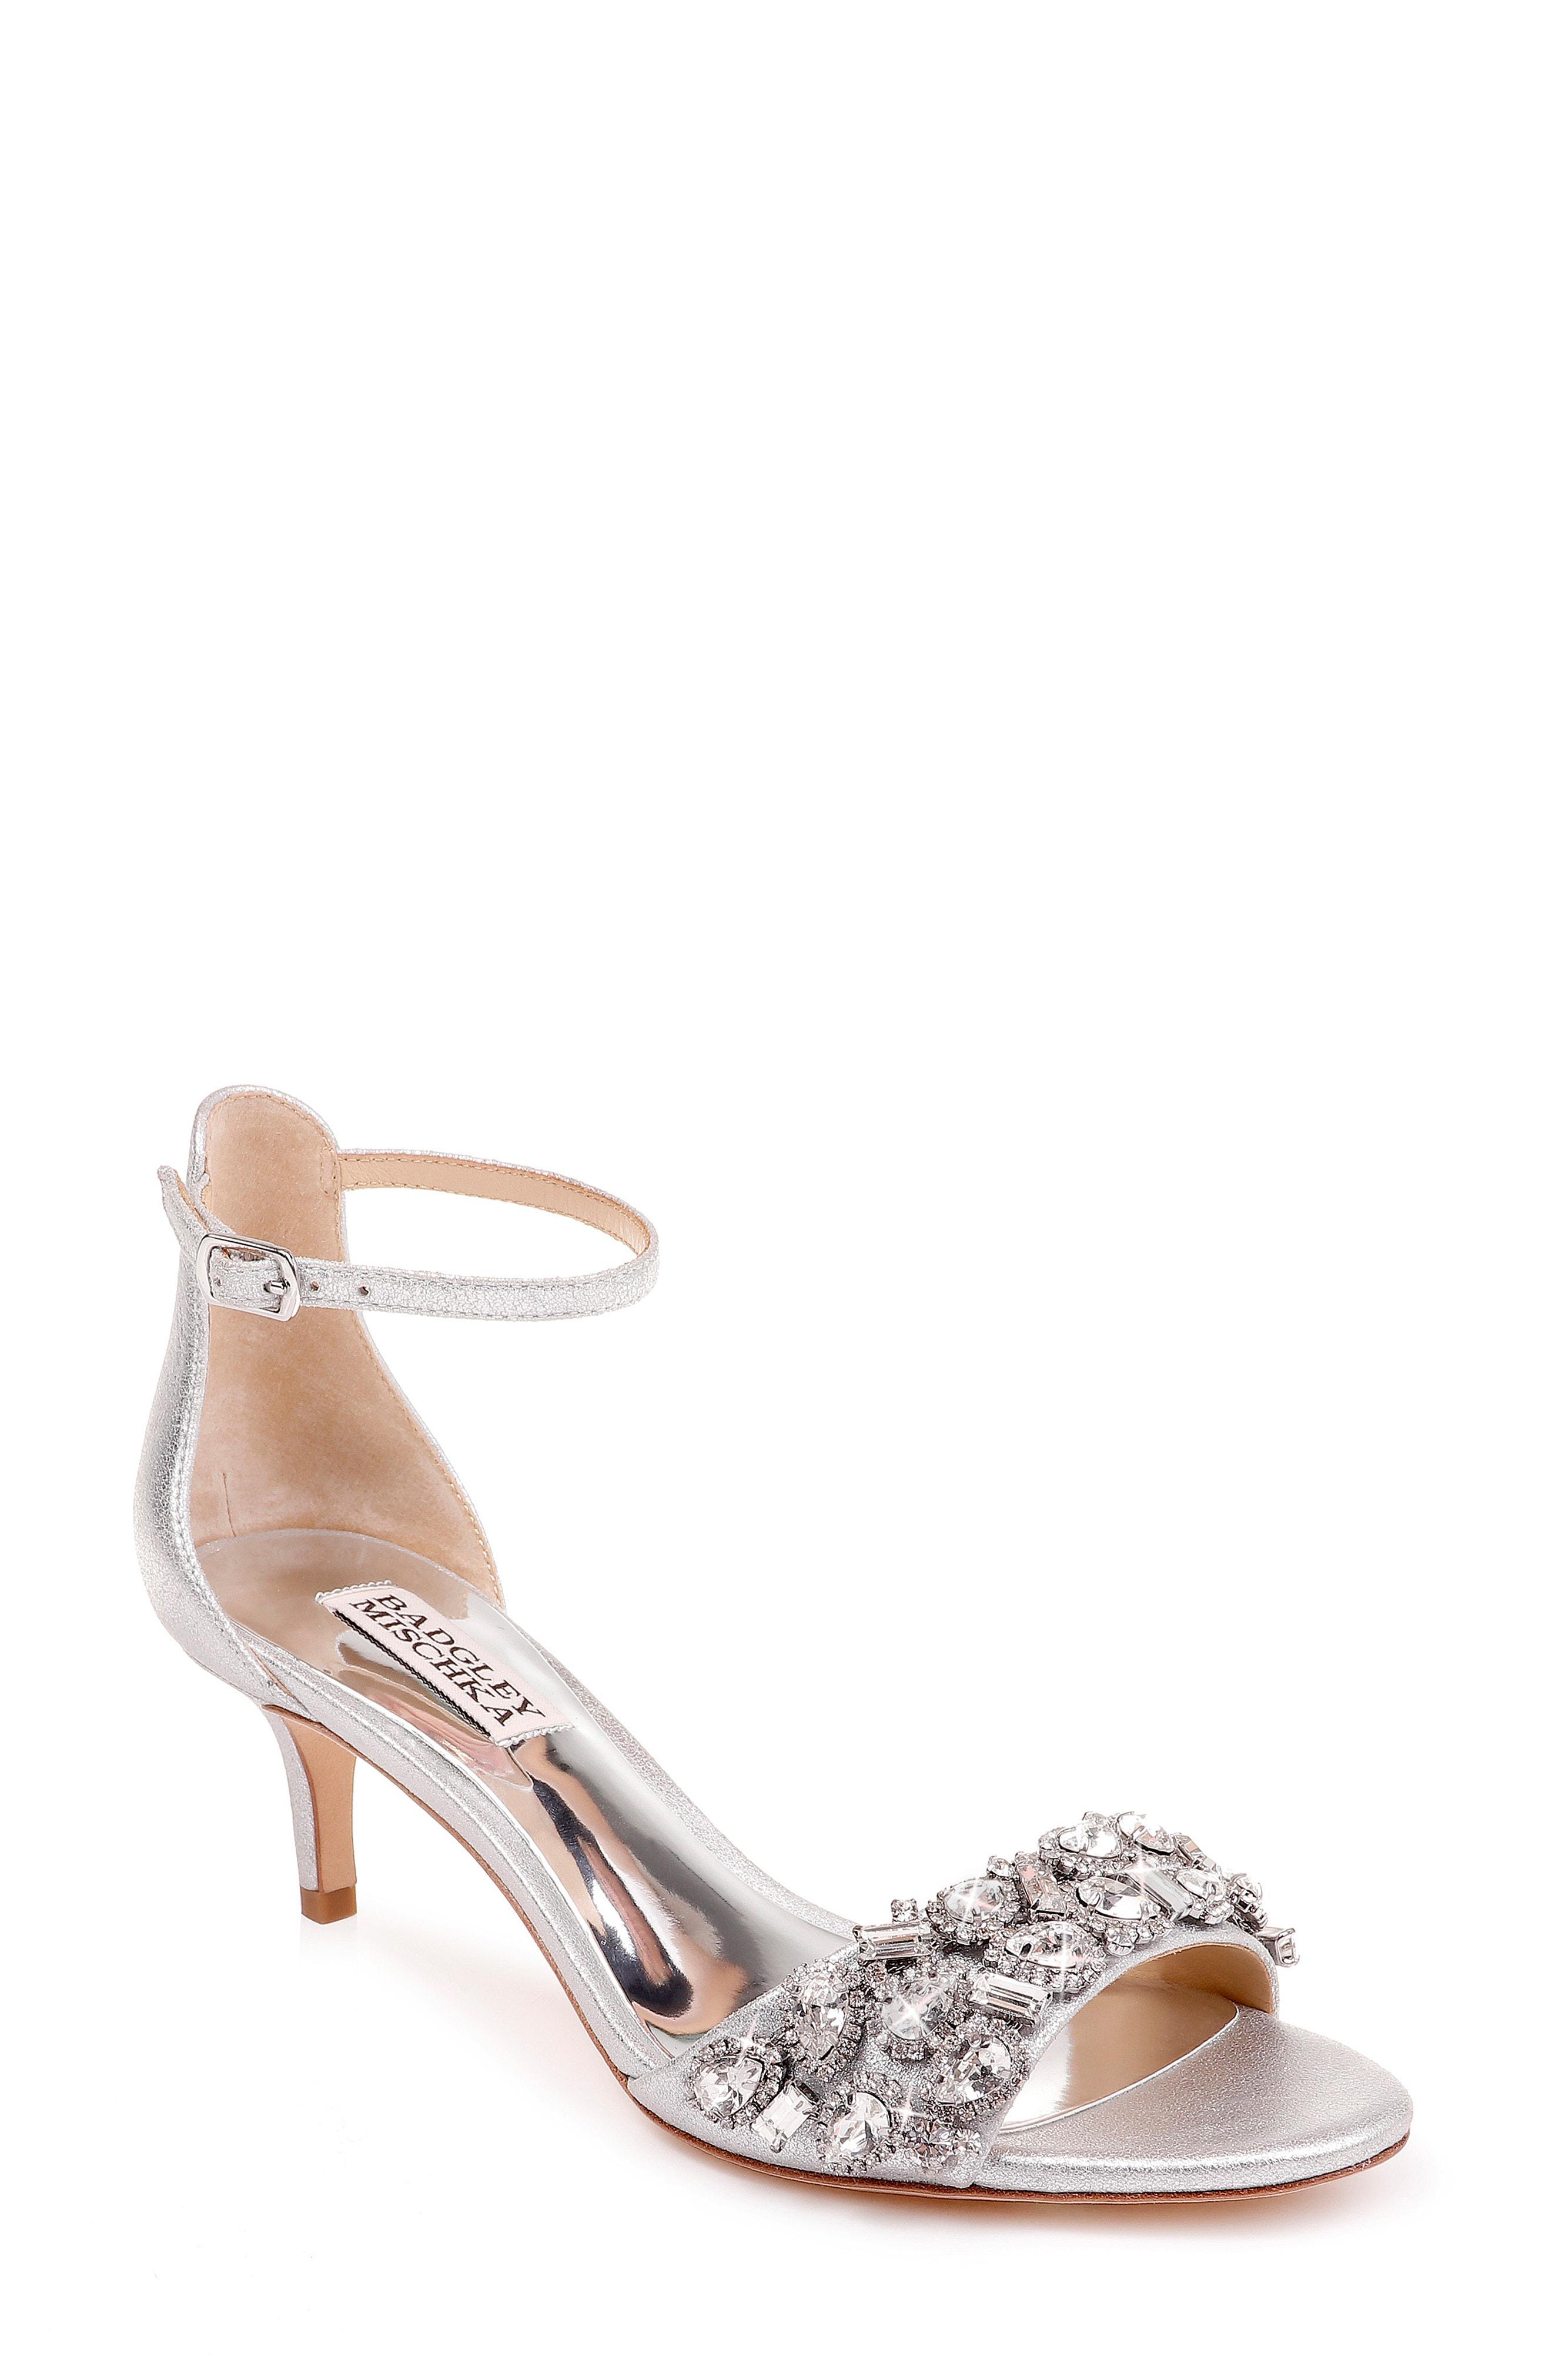 063fc37c0129 Badgley Mischka Lara Embellished Metallic Kitten-Heel Sandals In Silver  Metallic Suede